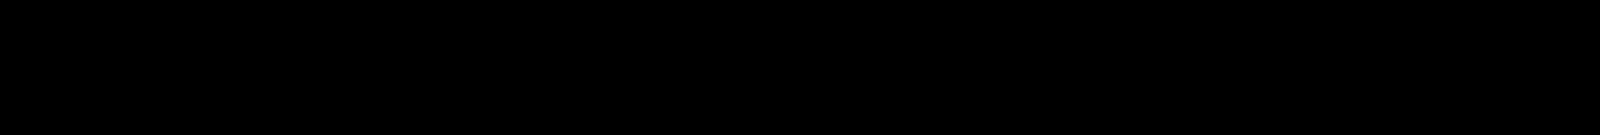 INDOMIT Pedra do Baú | Indomit Pedra do Baú Ultra-Trail® – Circuito INDOMIT